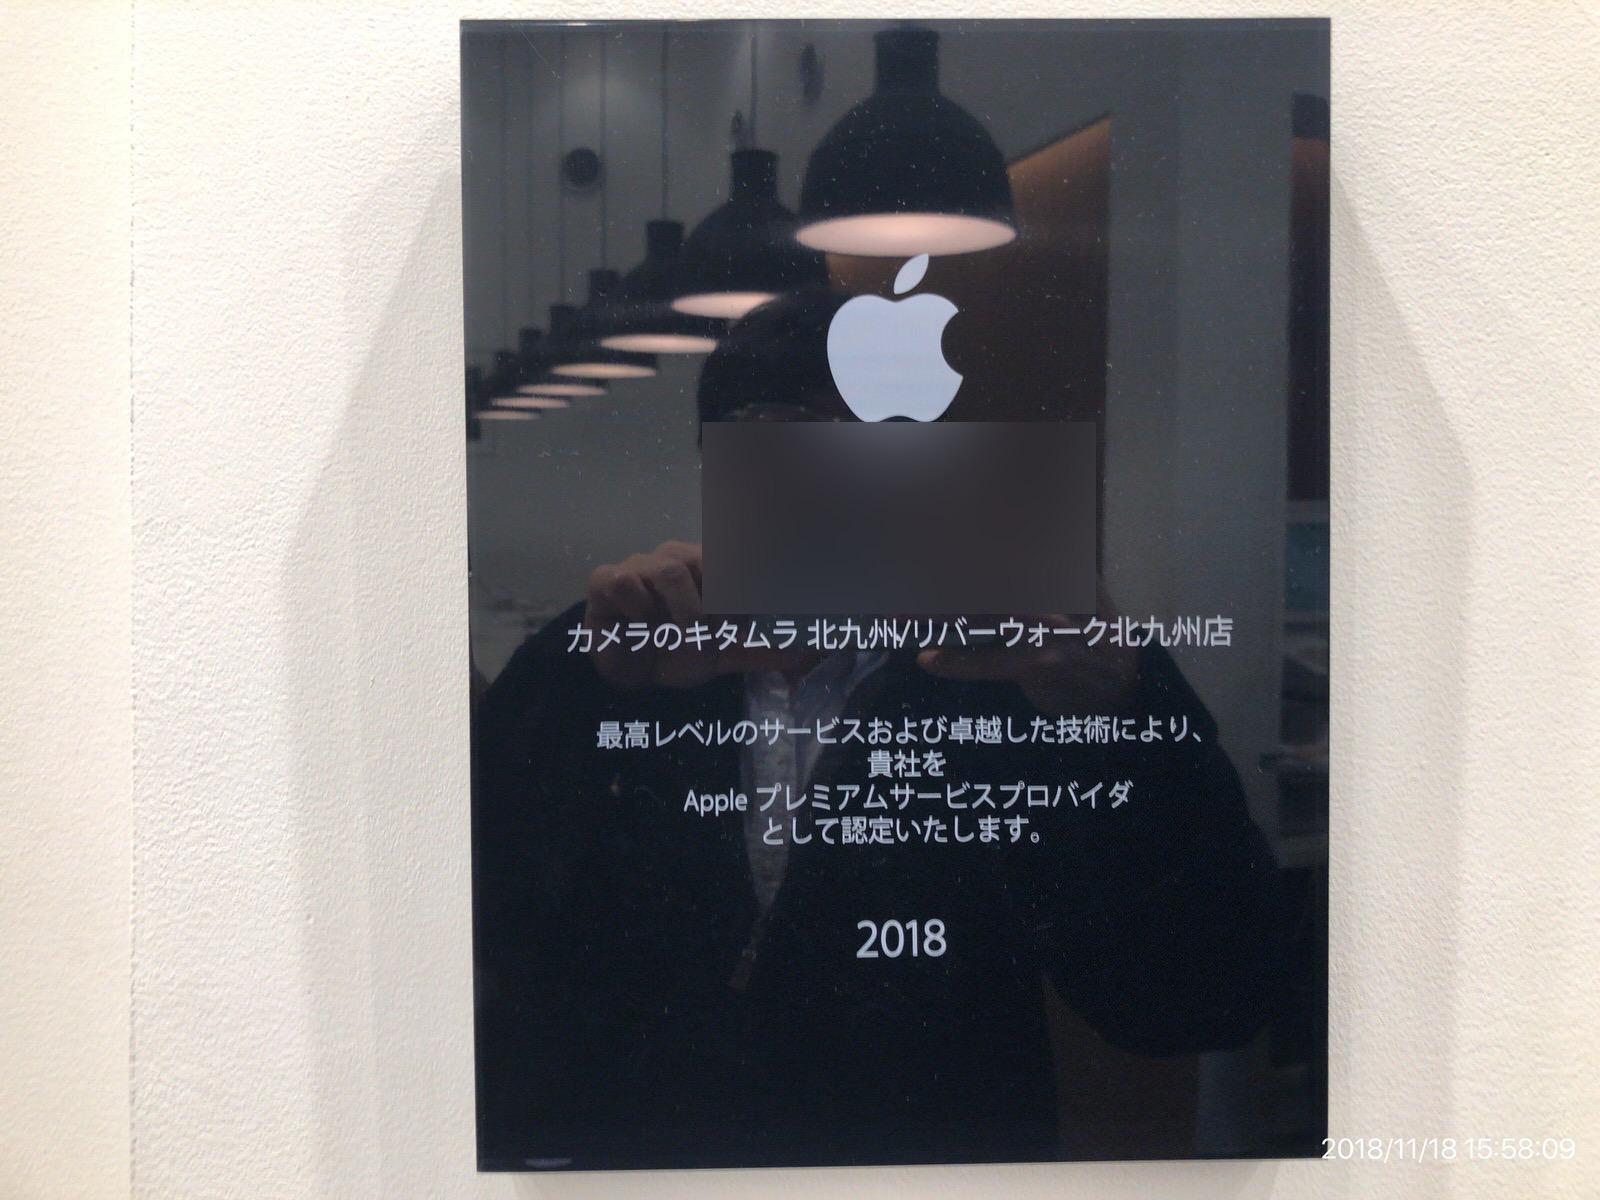 Apple正規サービスプロバイダーカメラのキタムラ-4